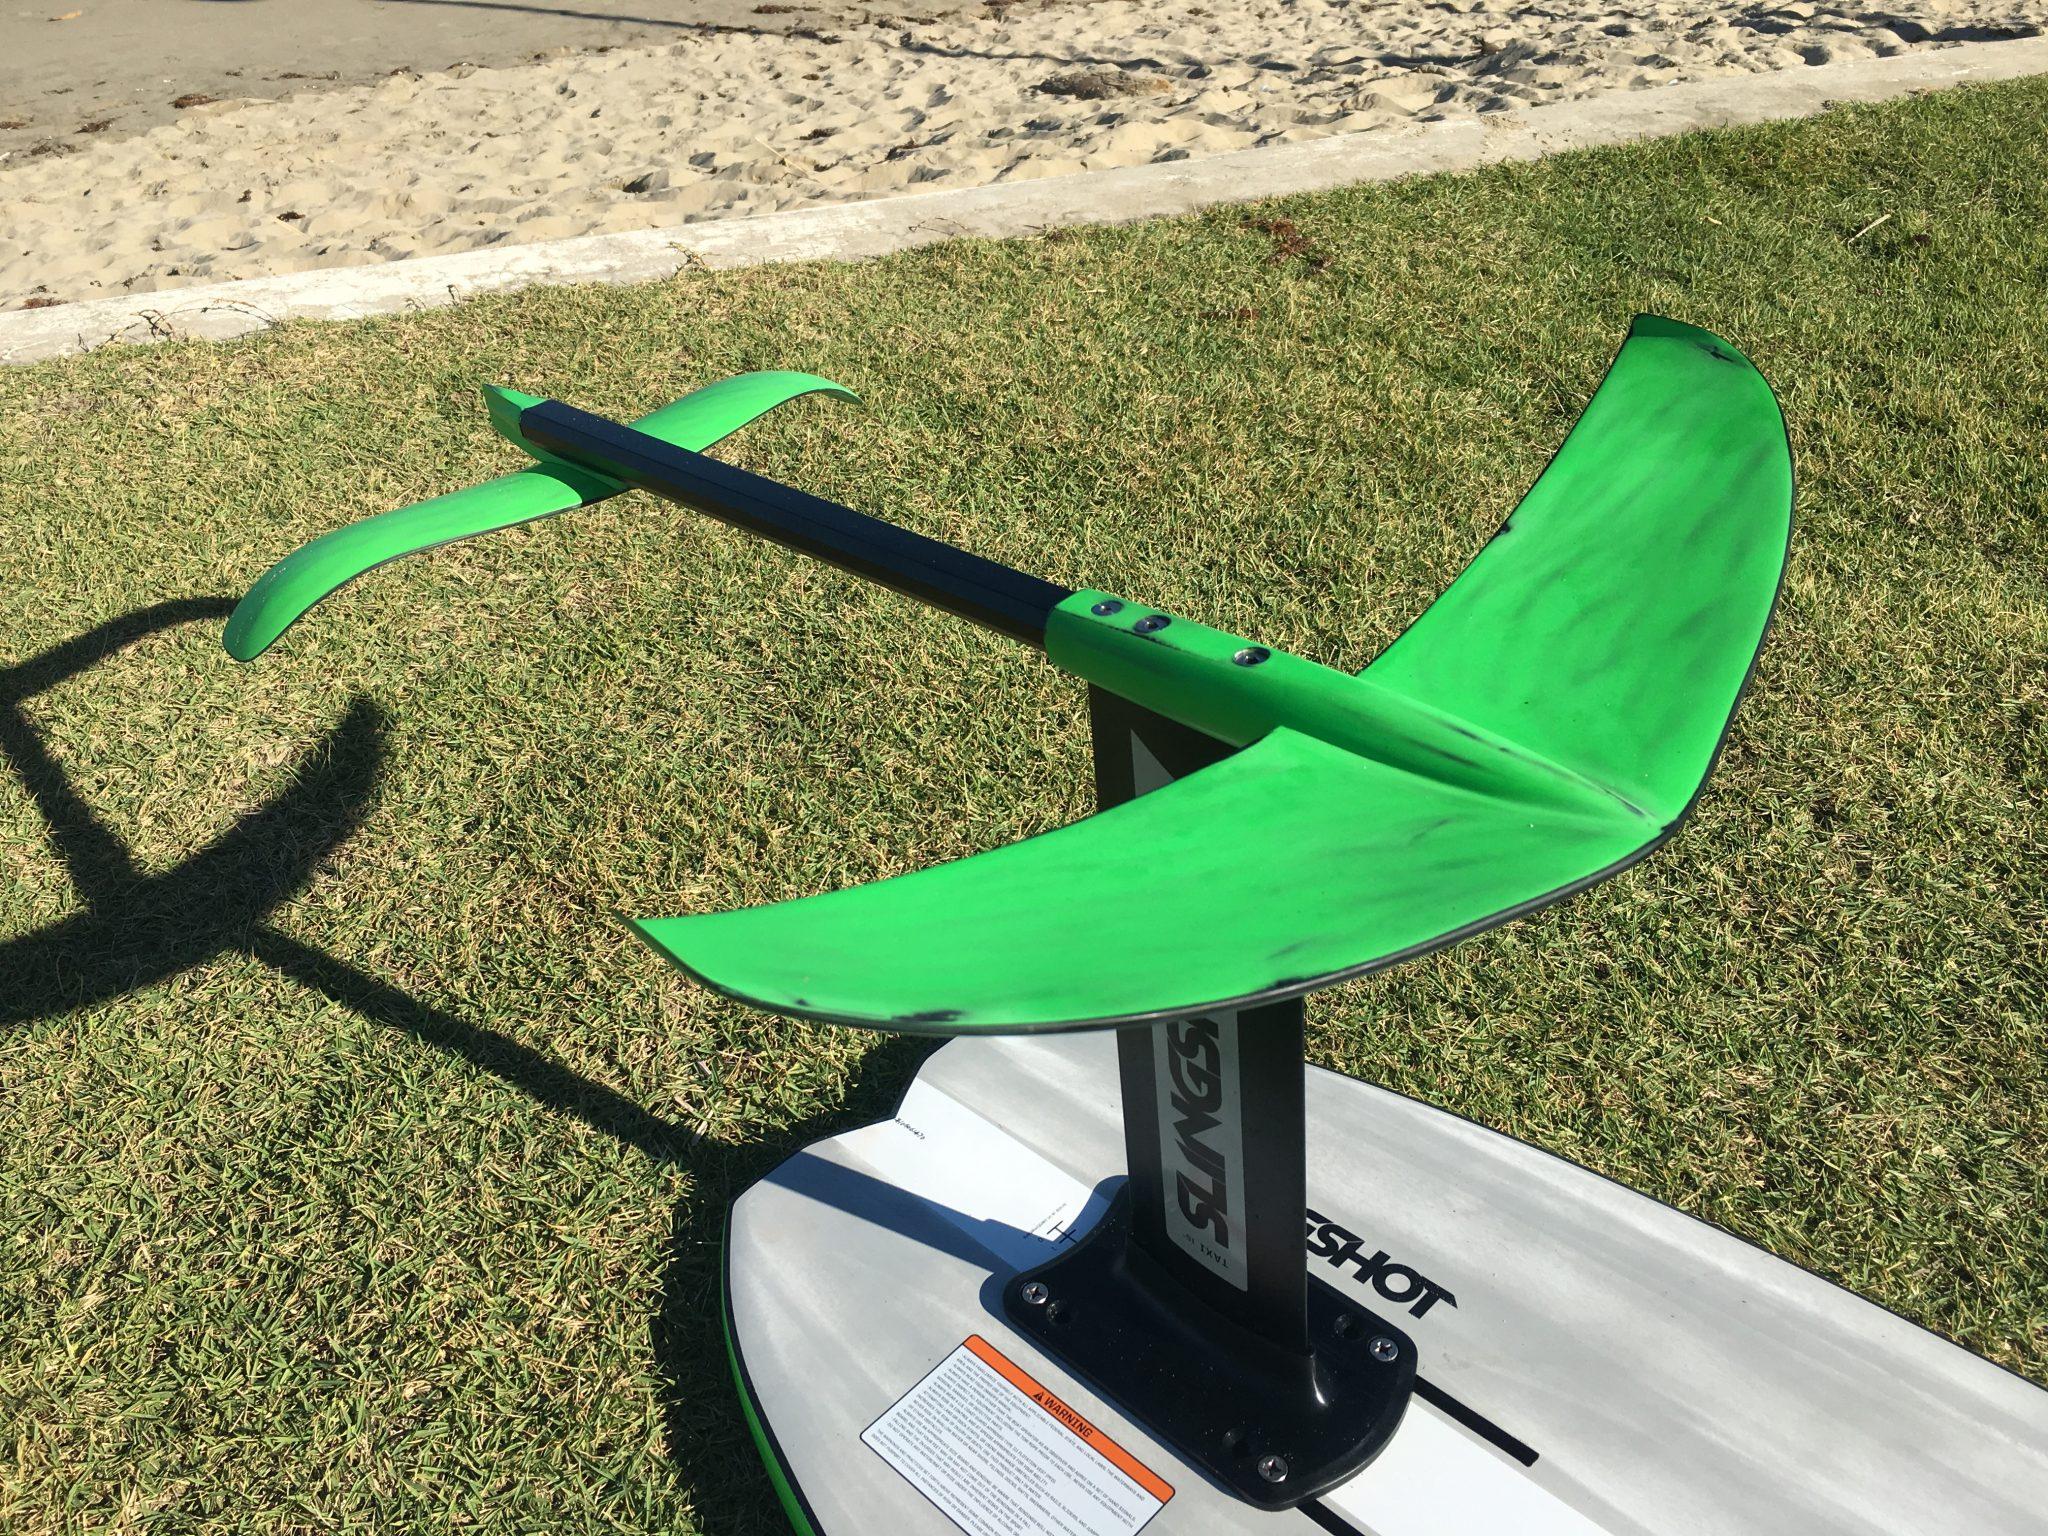 Slingshot Hover Glide NF2 and Alien Air 2017 | Kitesurfing